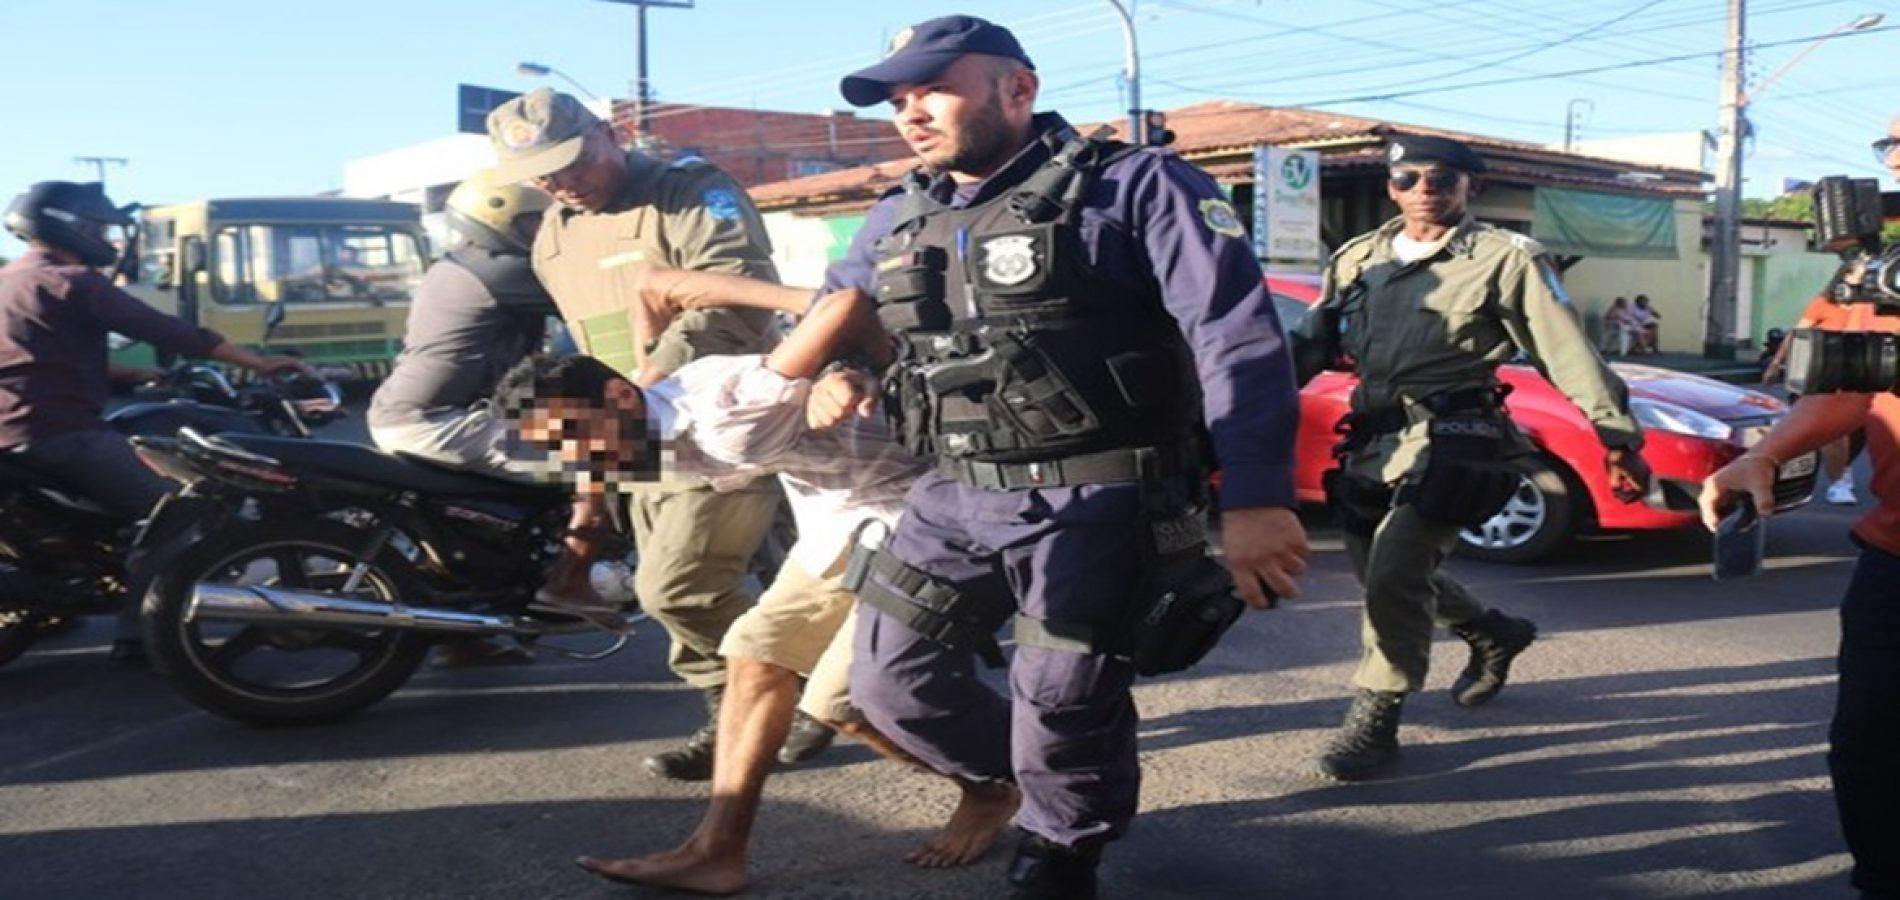 Jovem é preso após jogar bolo no prefeito durante comemoração do aniversário de Teresina